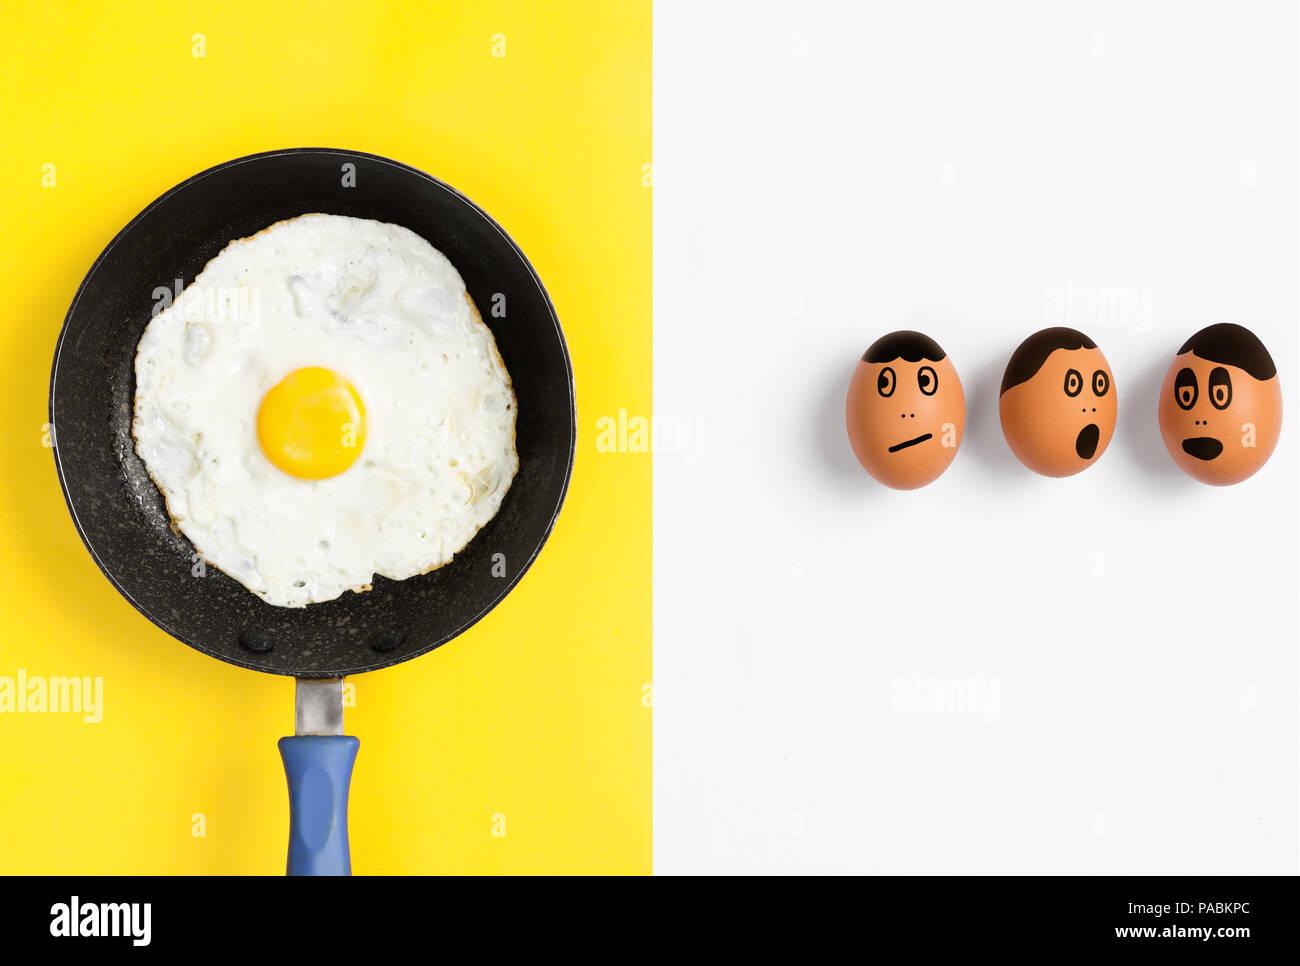 Spiegelei in der Pfanne mit Gesichtern auf rohe Eier sorgen suchen, Flach essen Bild Stockbild